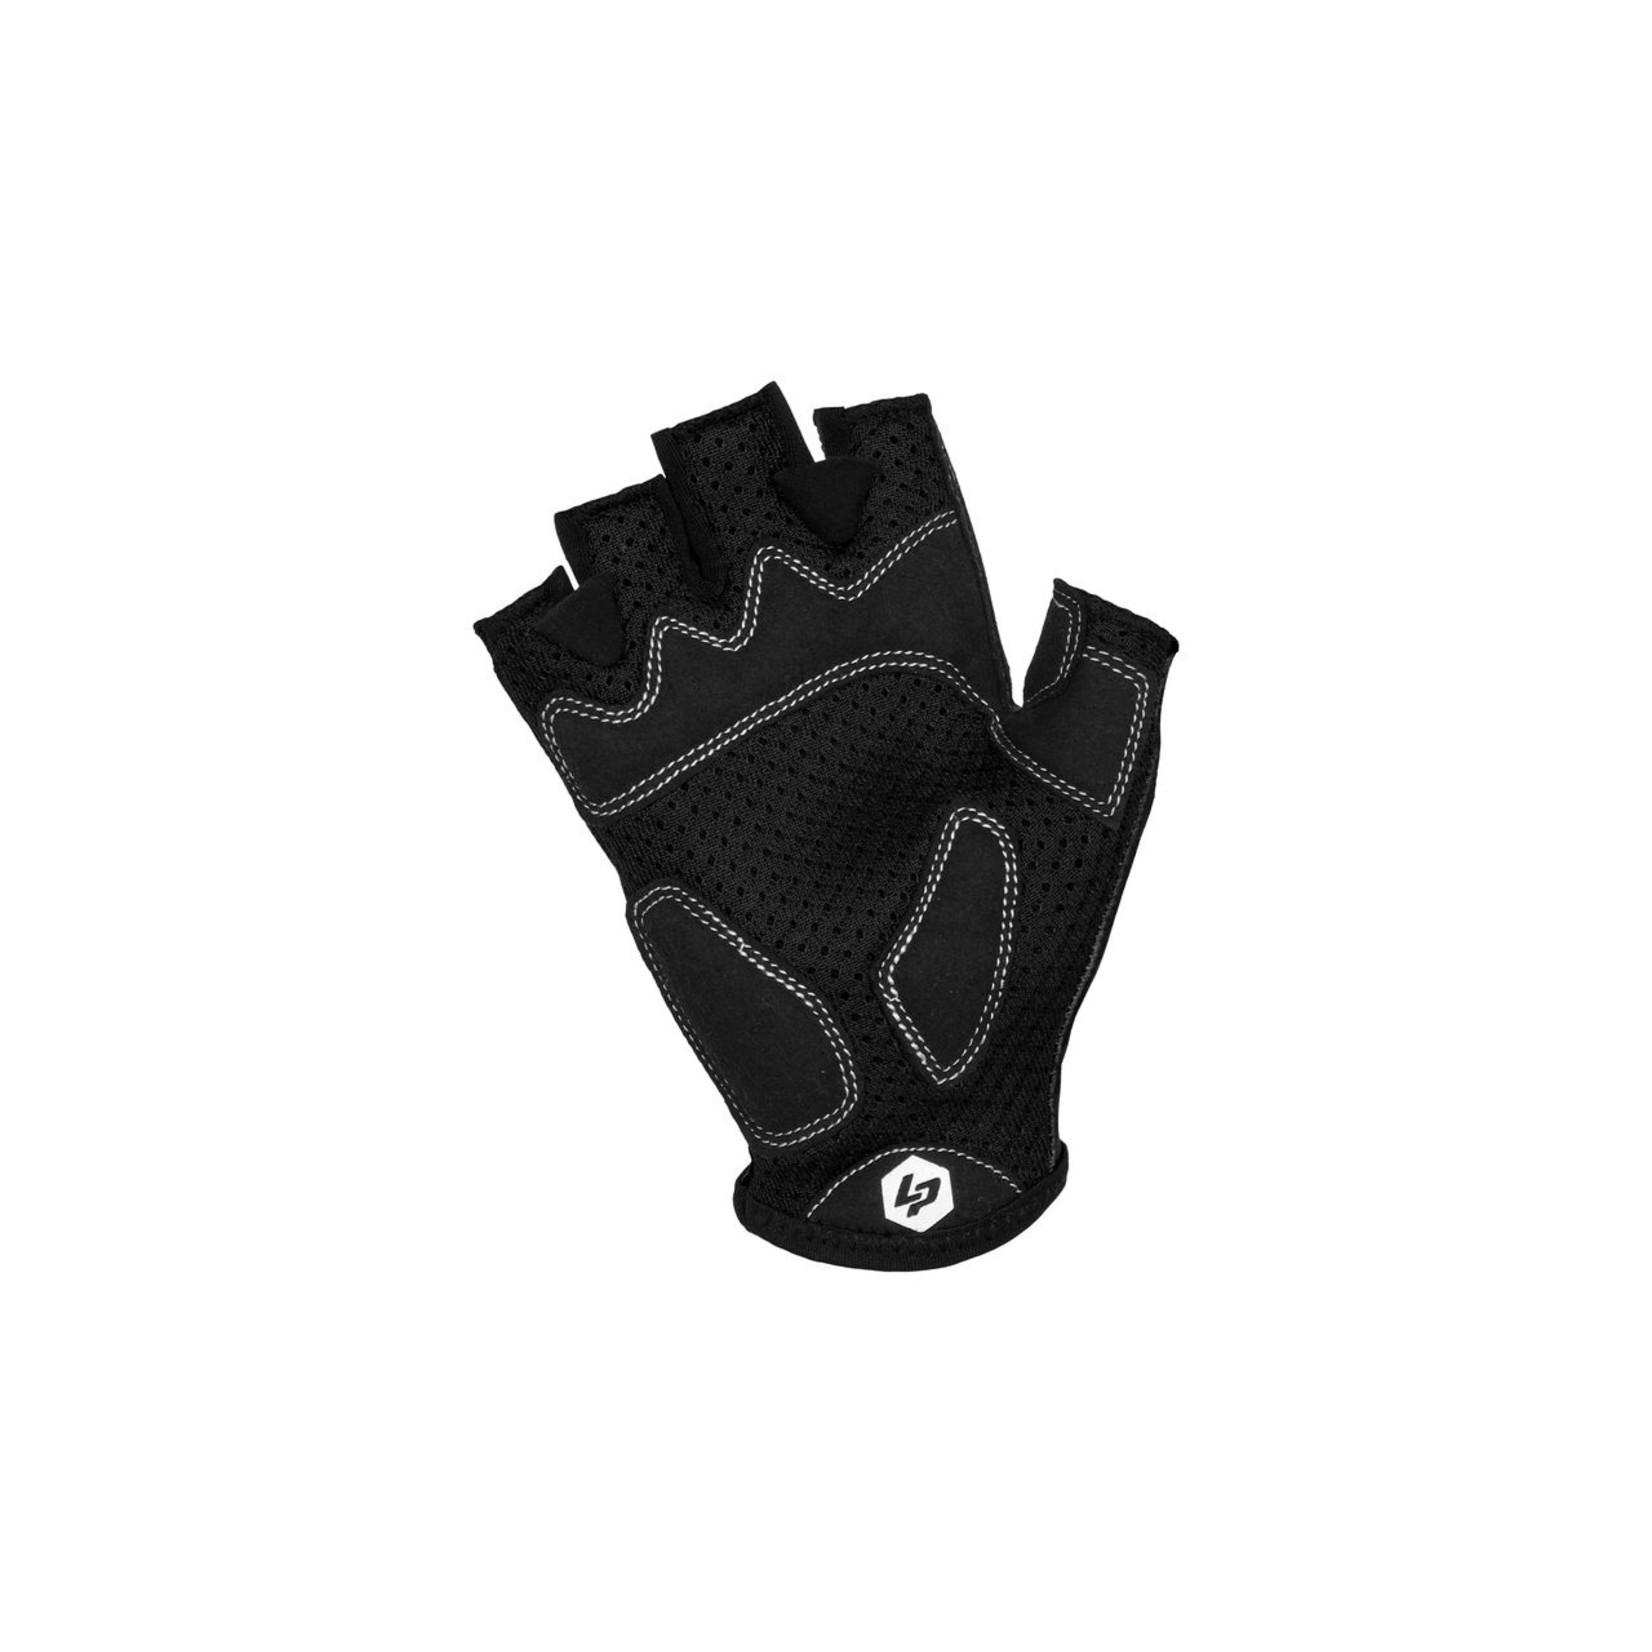 Lapierre San Remo Cycling Gloves - XL